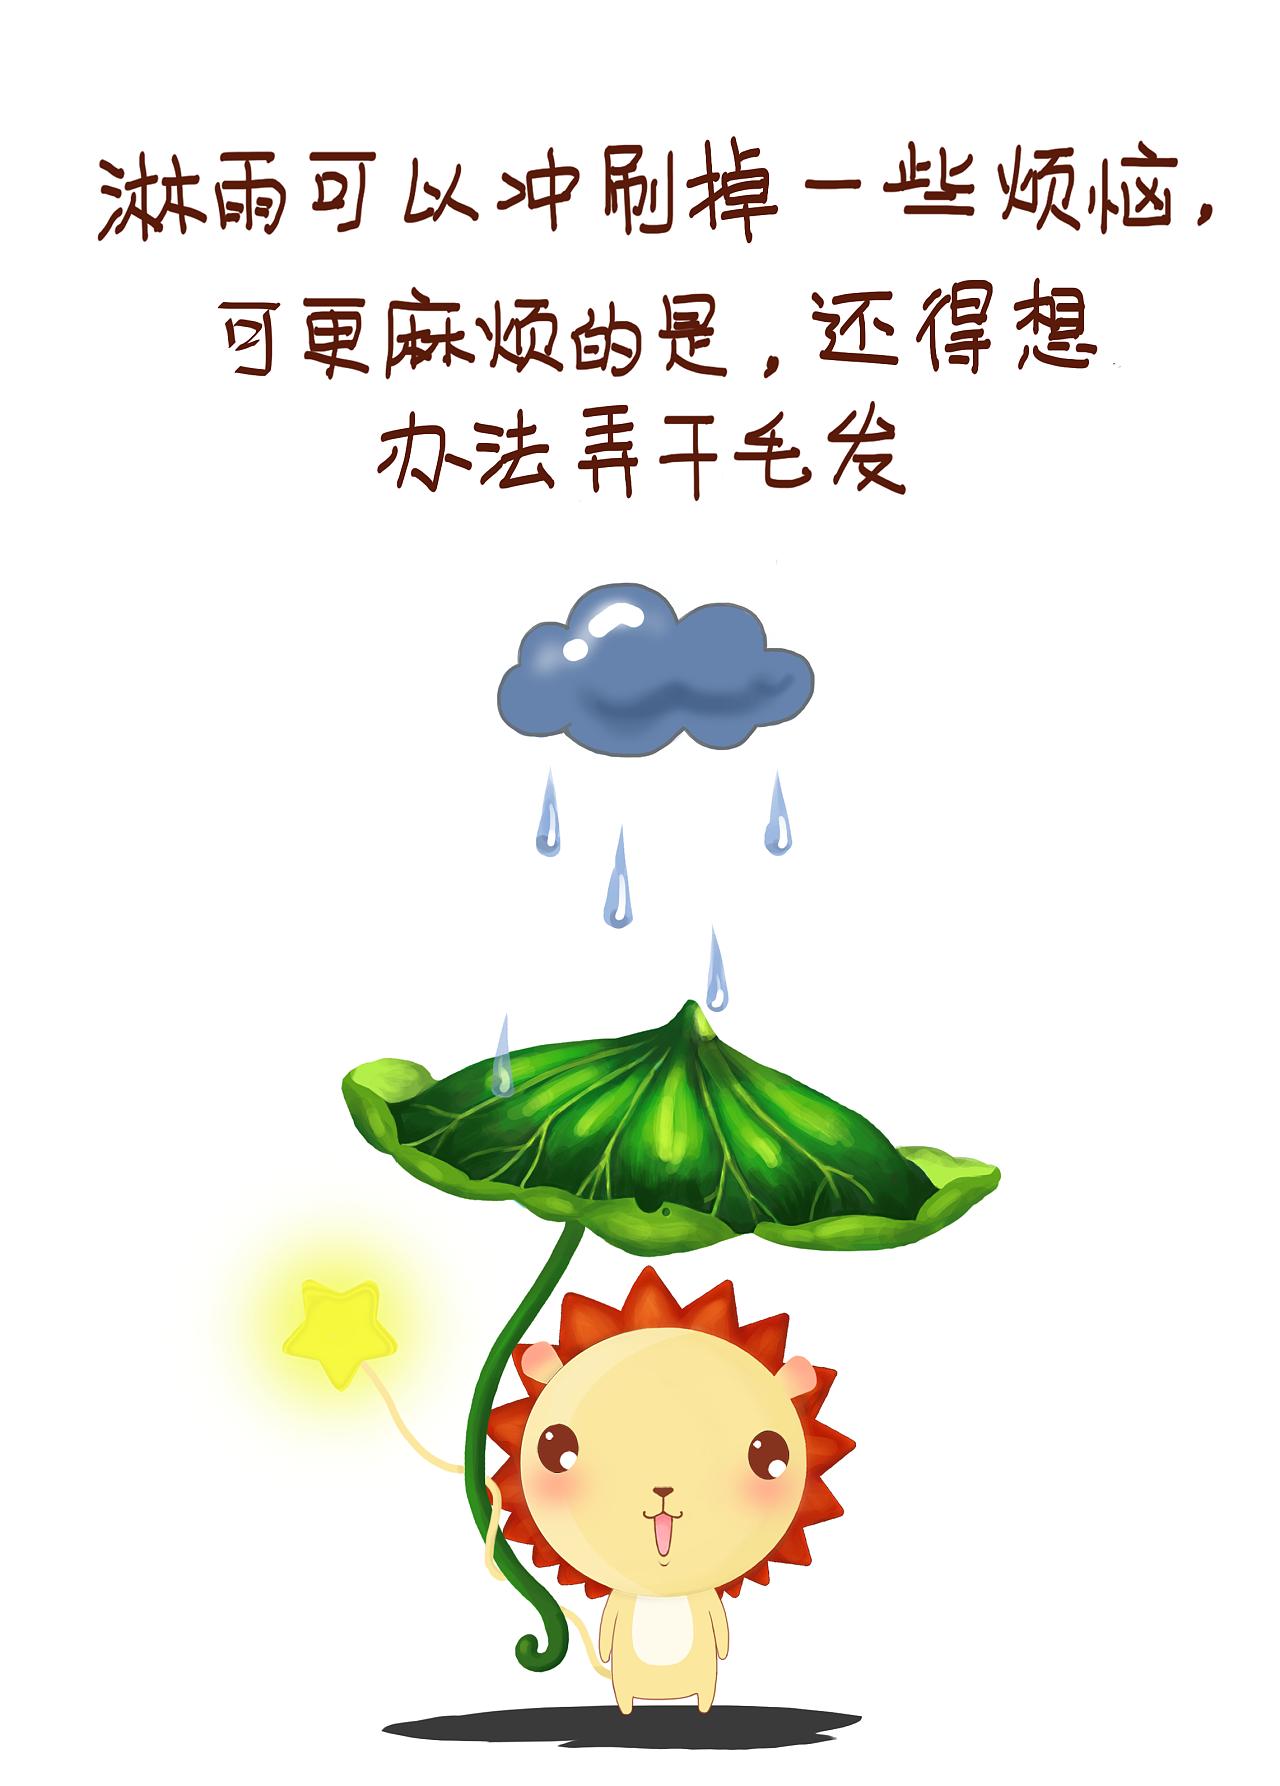 小狮子leo 原创手绘插画